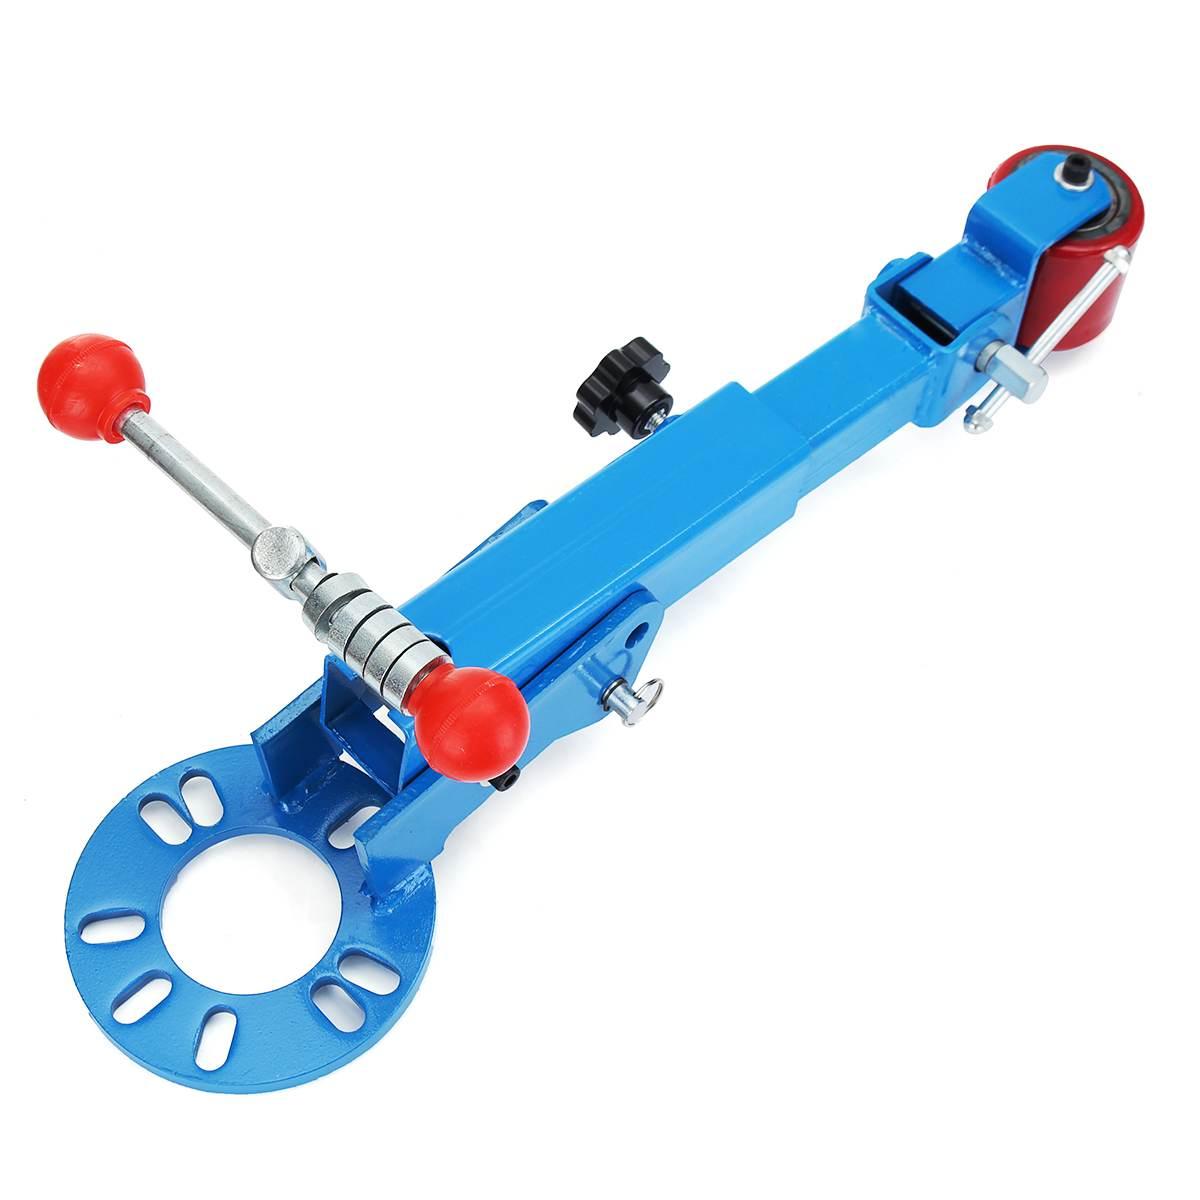 Rouleau bleu pour Fender Réforme L'extension Outil Roue Rouleau Torchage Ancien Lourd Pièces De Machines à bois - 3